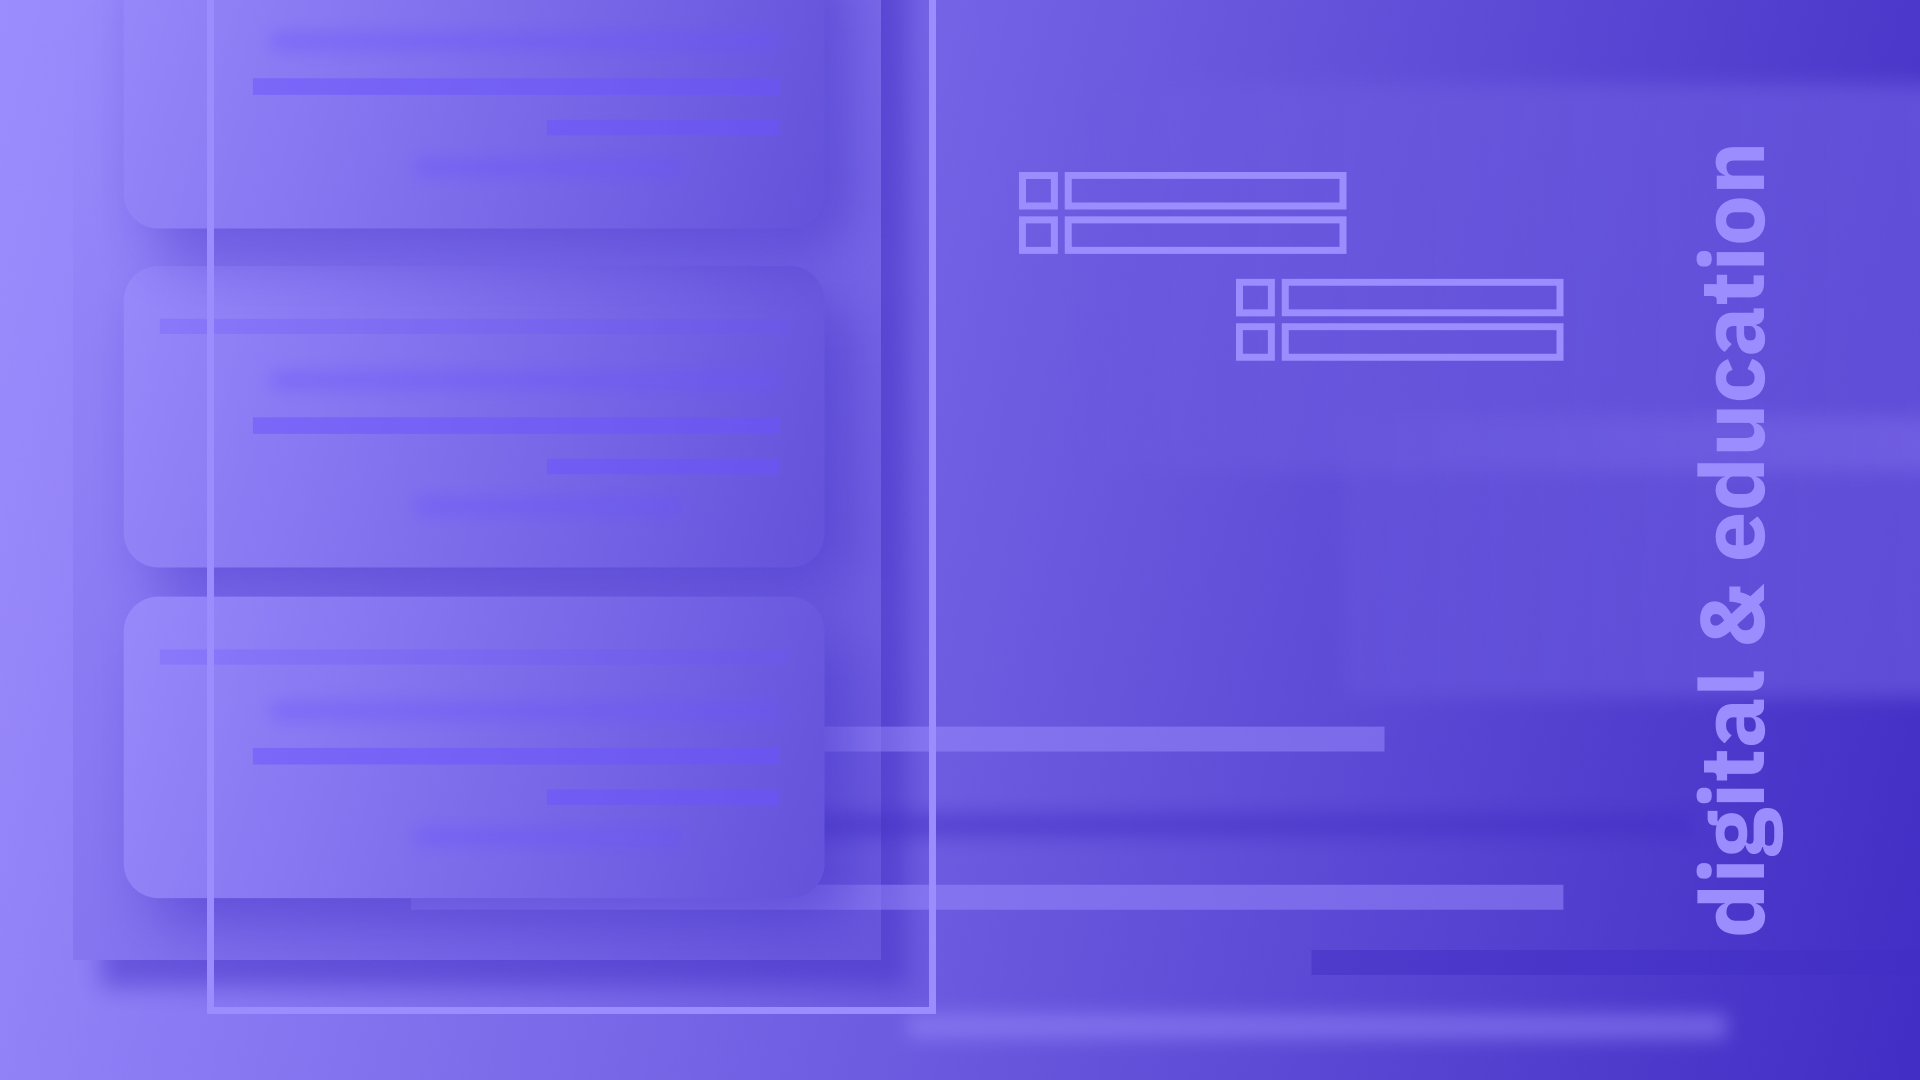 Вебинар Бесплатные инструменты «ВКонтакте для бизнеса» фото